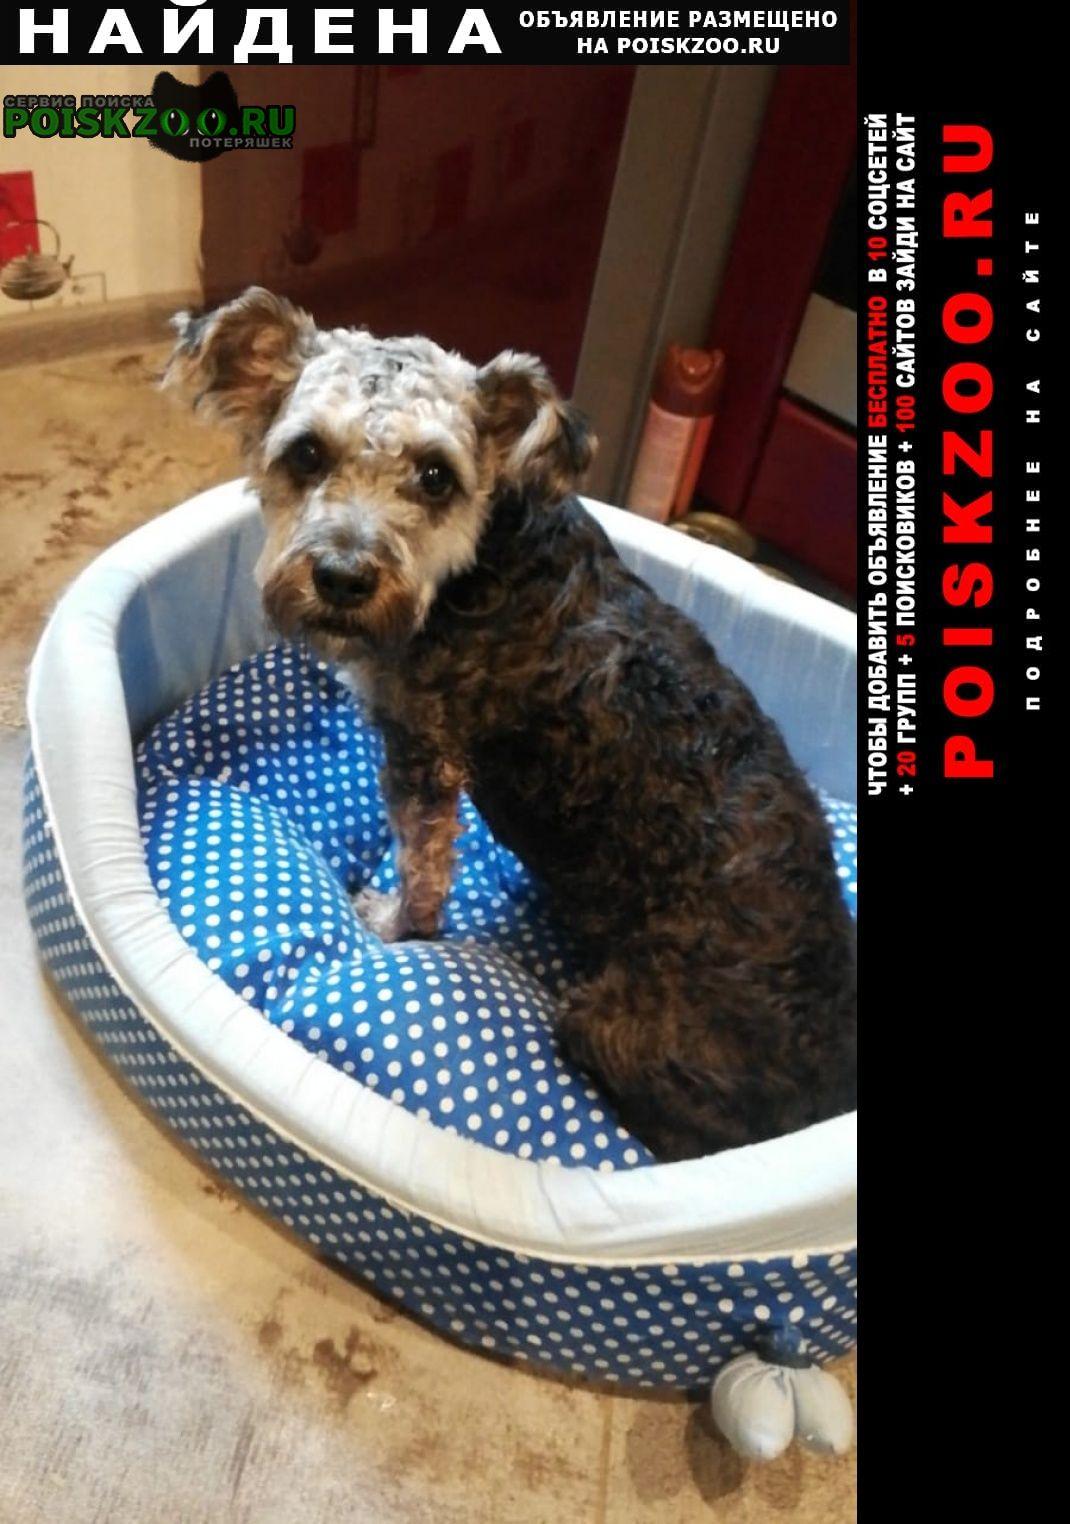 Найдена собака кобель, ищем хозяев Климовск